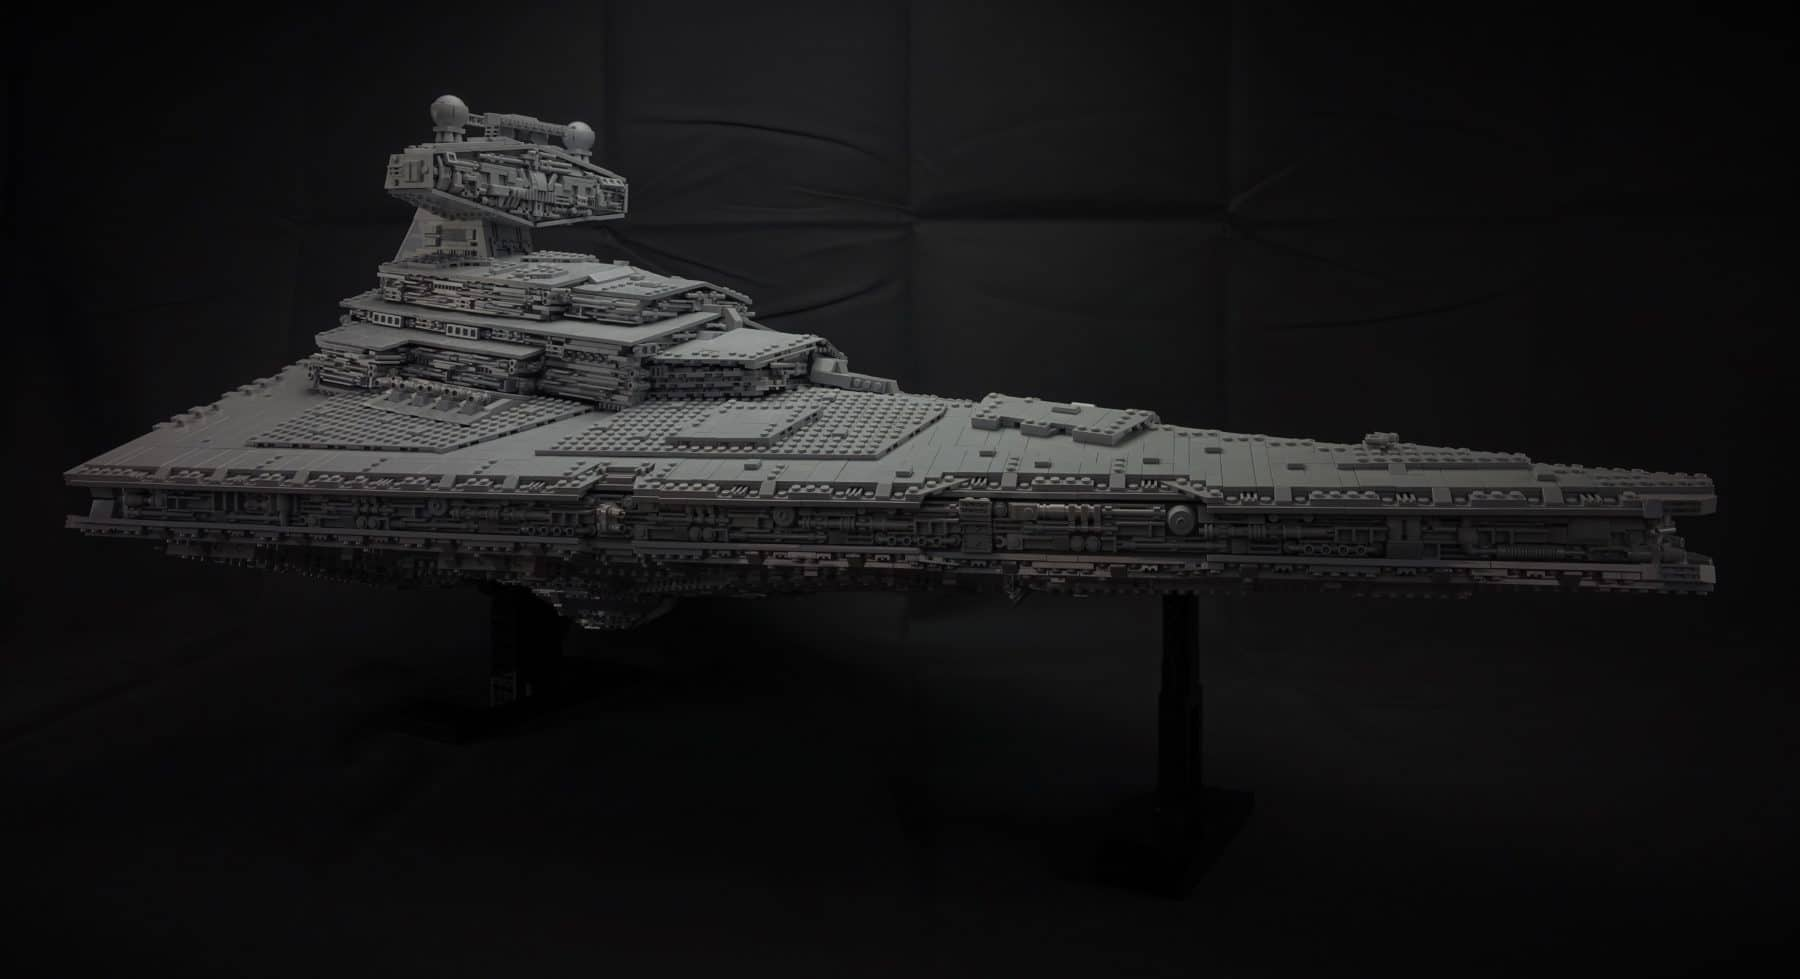 LEGO Star Wars 75252 UCS Imperial Star Destroyer: Fakten zum Set